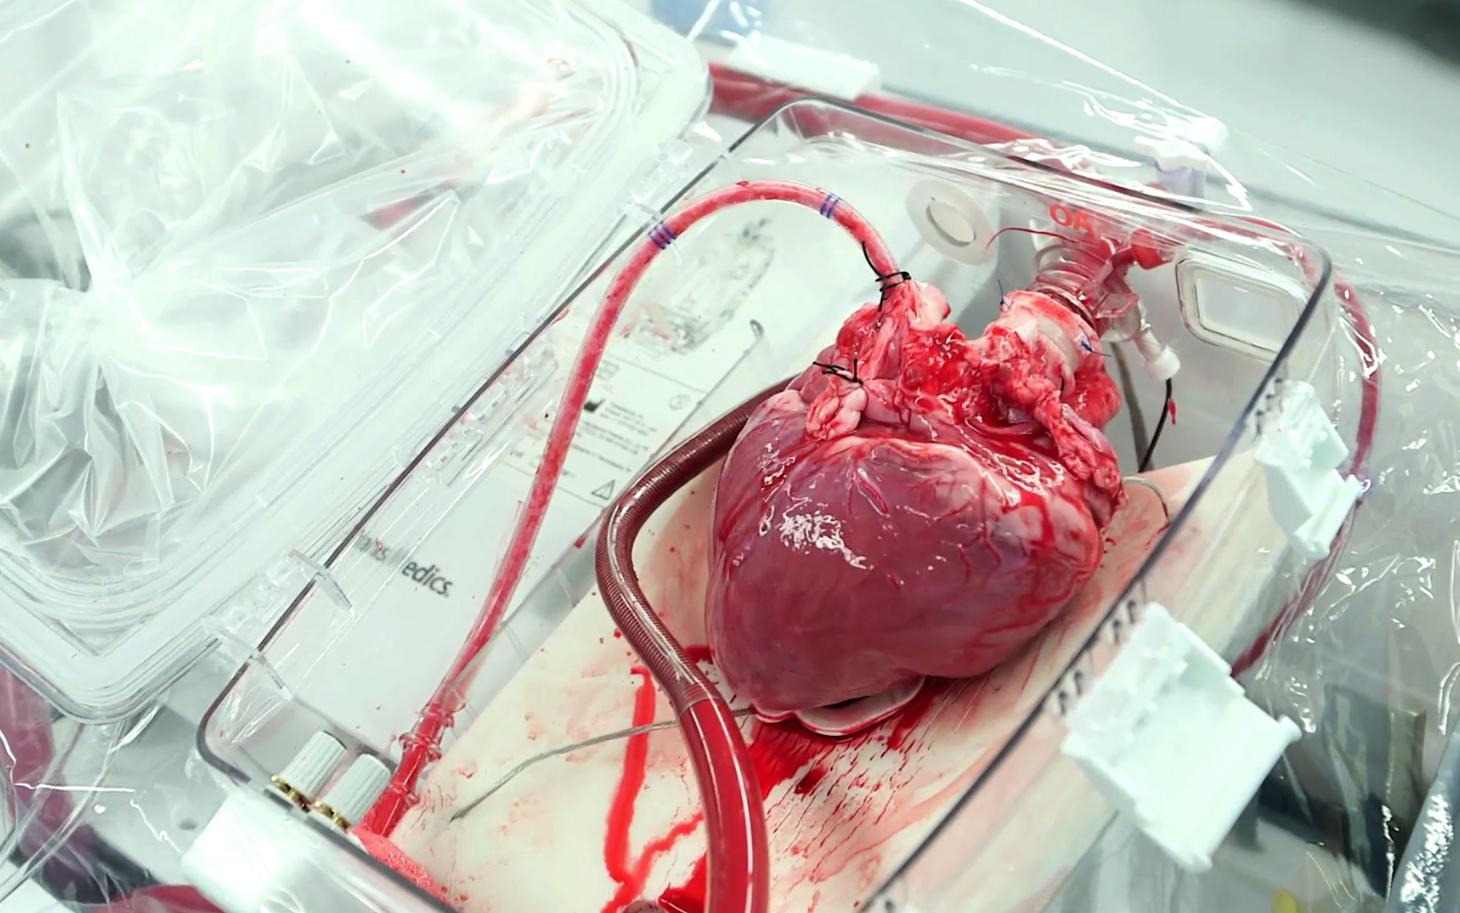 """Благодаря аппарату """"сердце в коробке"""" не происходит отмирание клеток, так как кровь вместе с кислородом постоянно циркулирует в нем"""